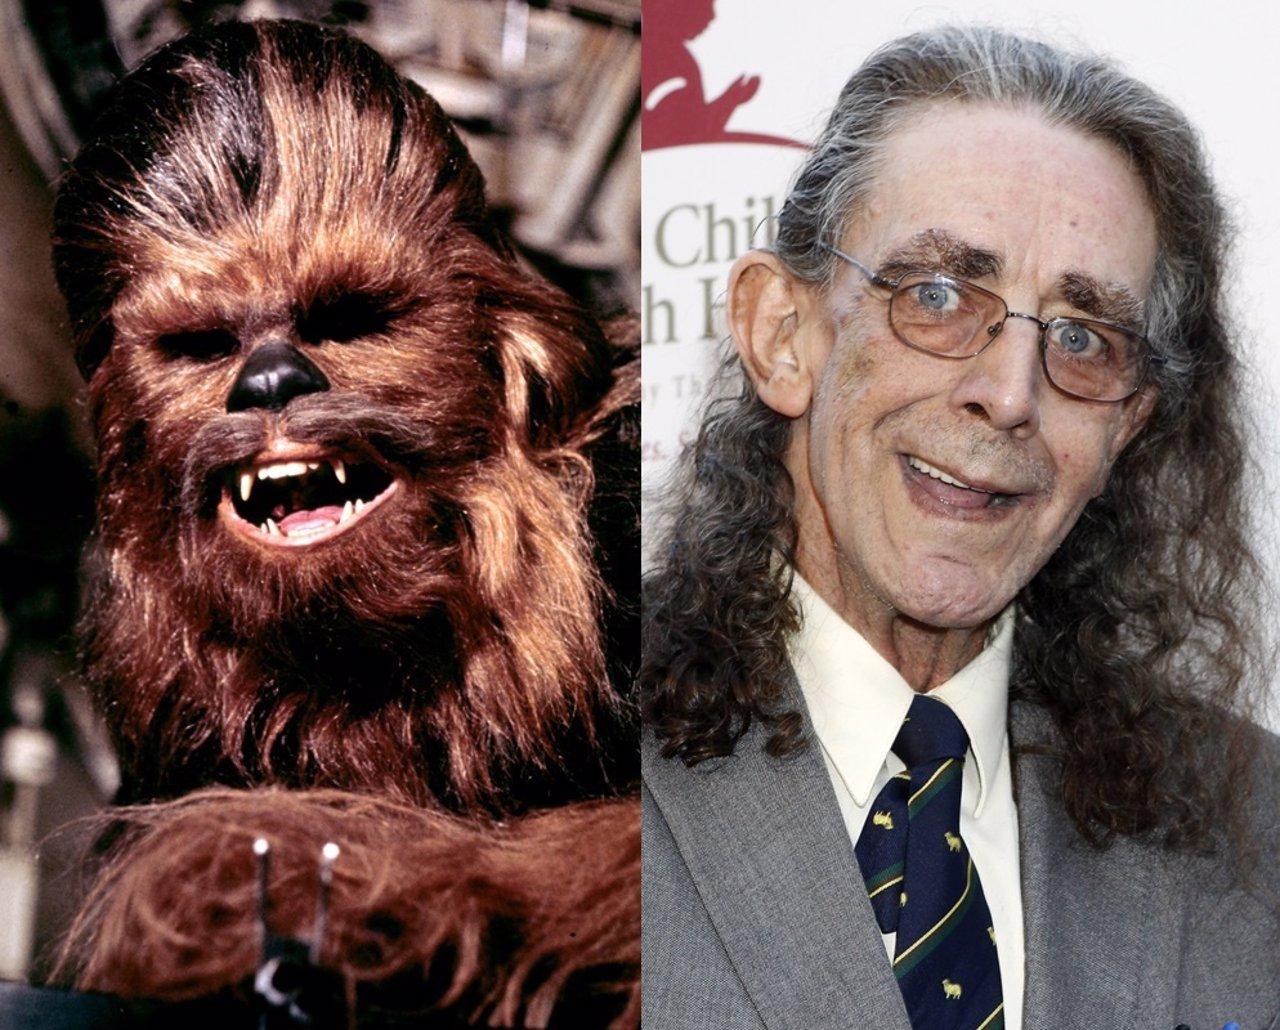 Peter Mayhew, el actor que da vida a Chewbacca